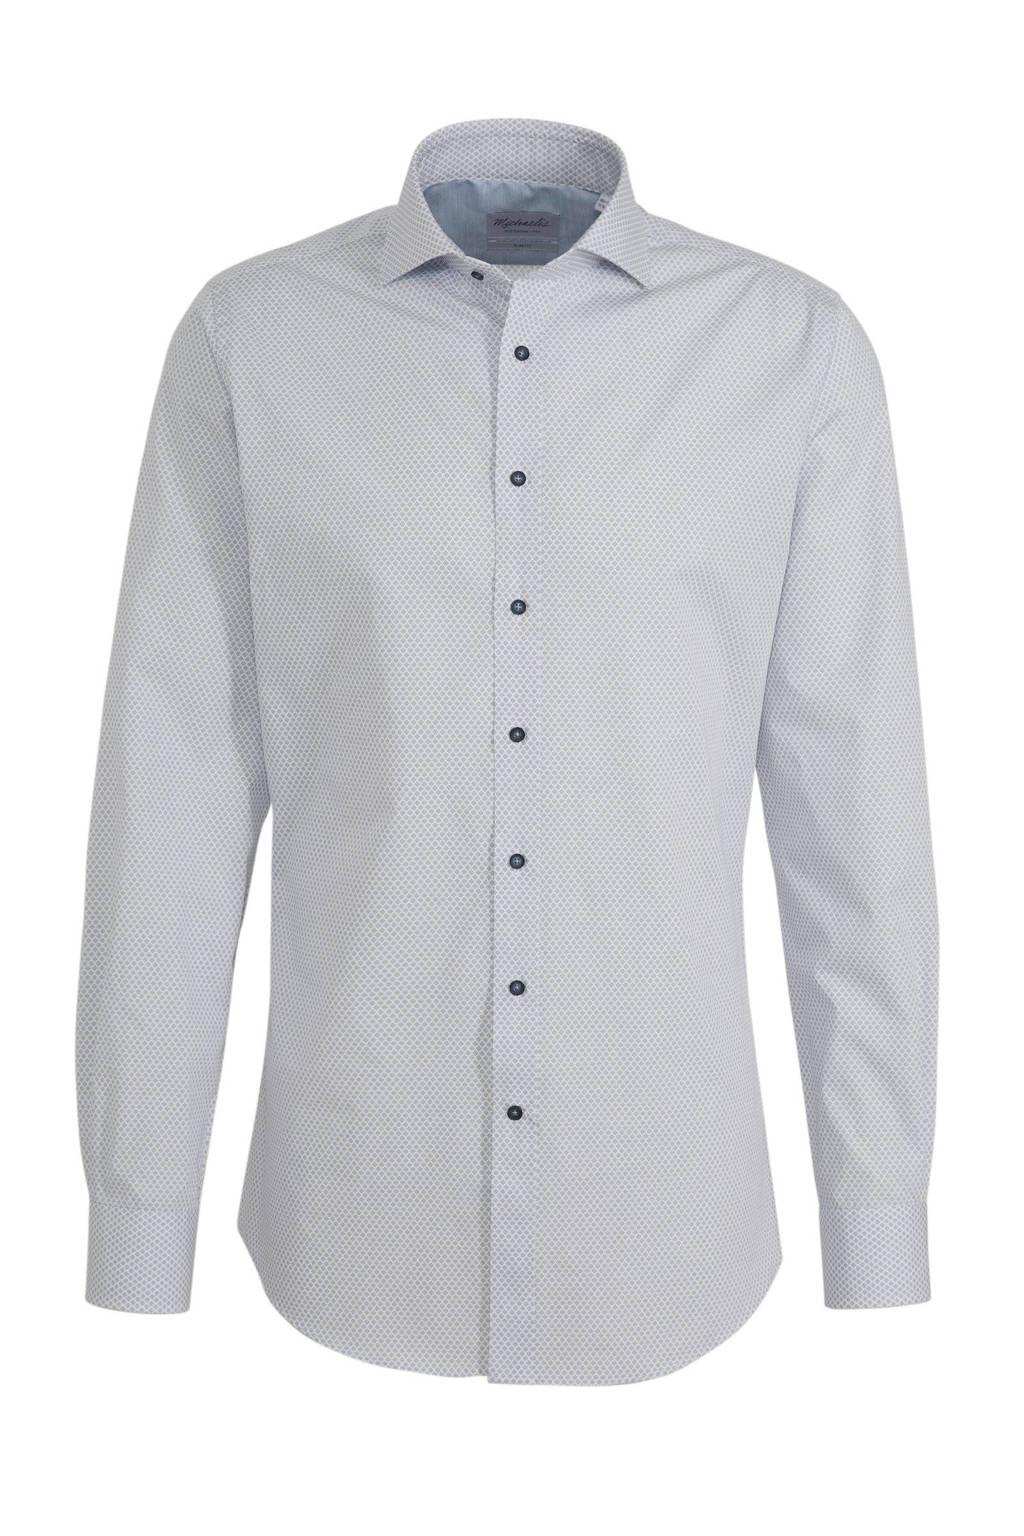 Michaelis slim fit overhemd met mouwlengte 7 blauw, Blauw